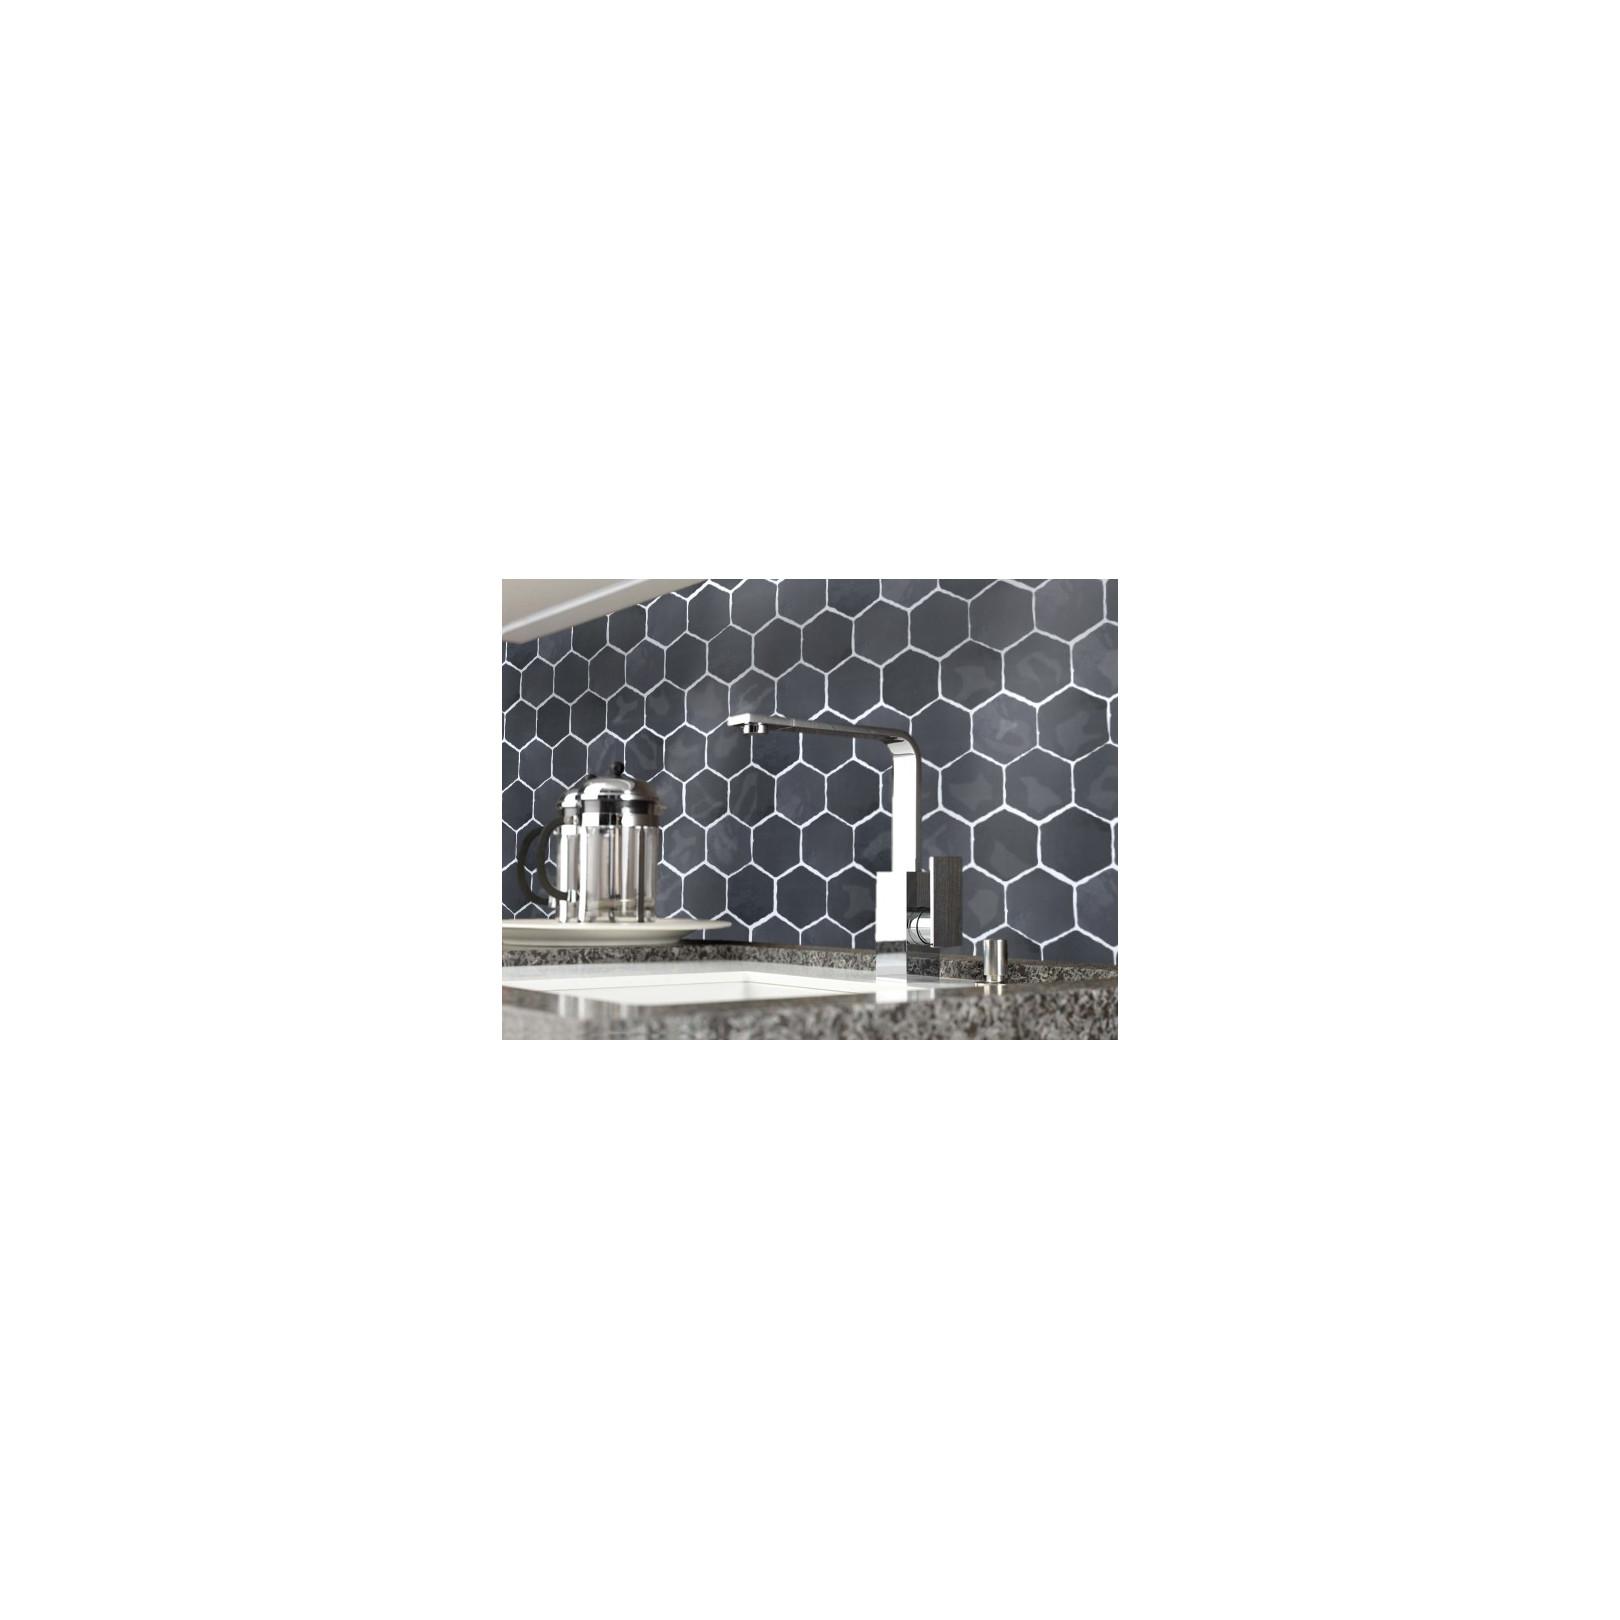 Carrelage mural terre cuite émaillée Hexagone 10x10cm (18 couleurs)